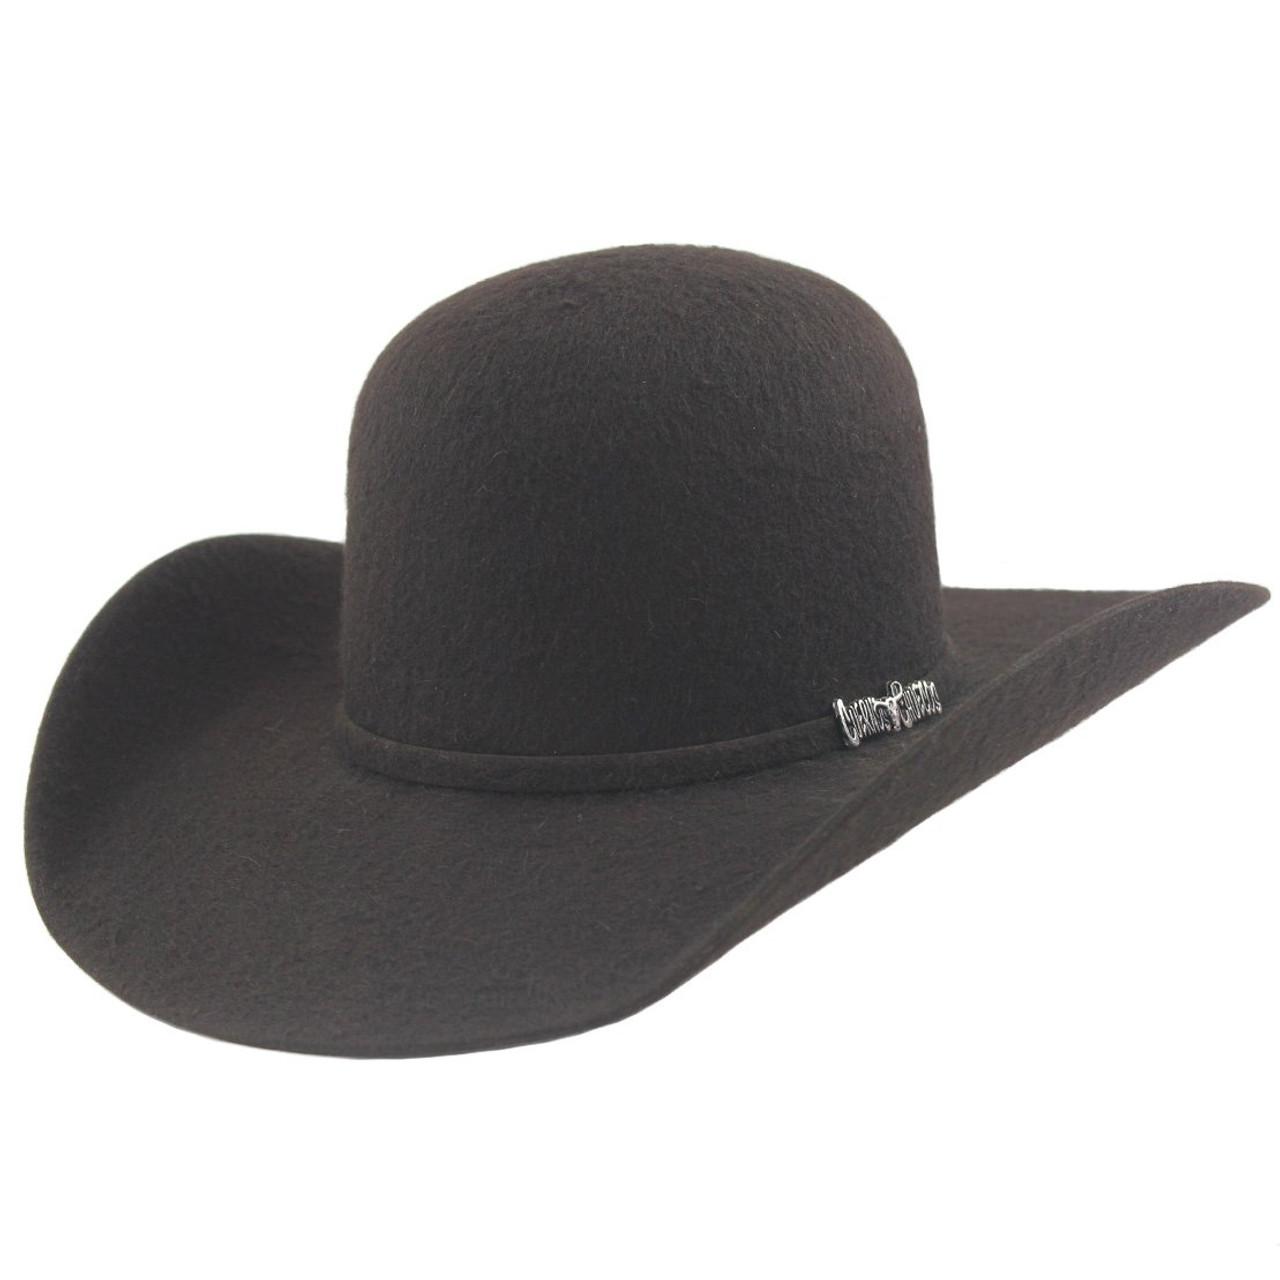 2f42f12a5 Cuernos Chuecos 10x Chocolate Grizzly Fur Felt Open Crown Cowboy Hat